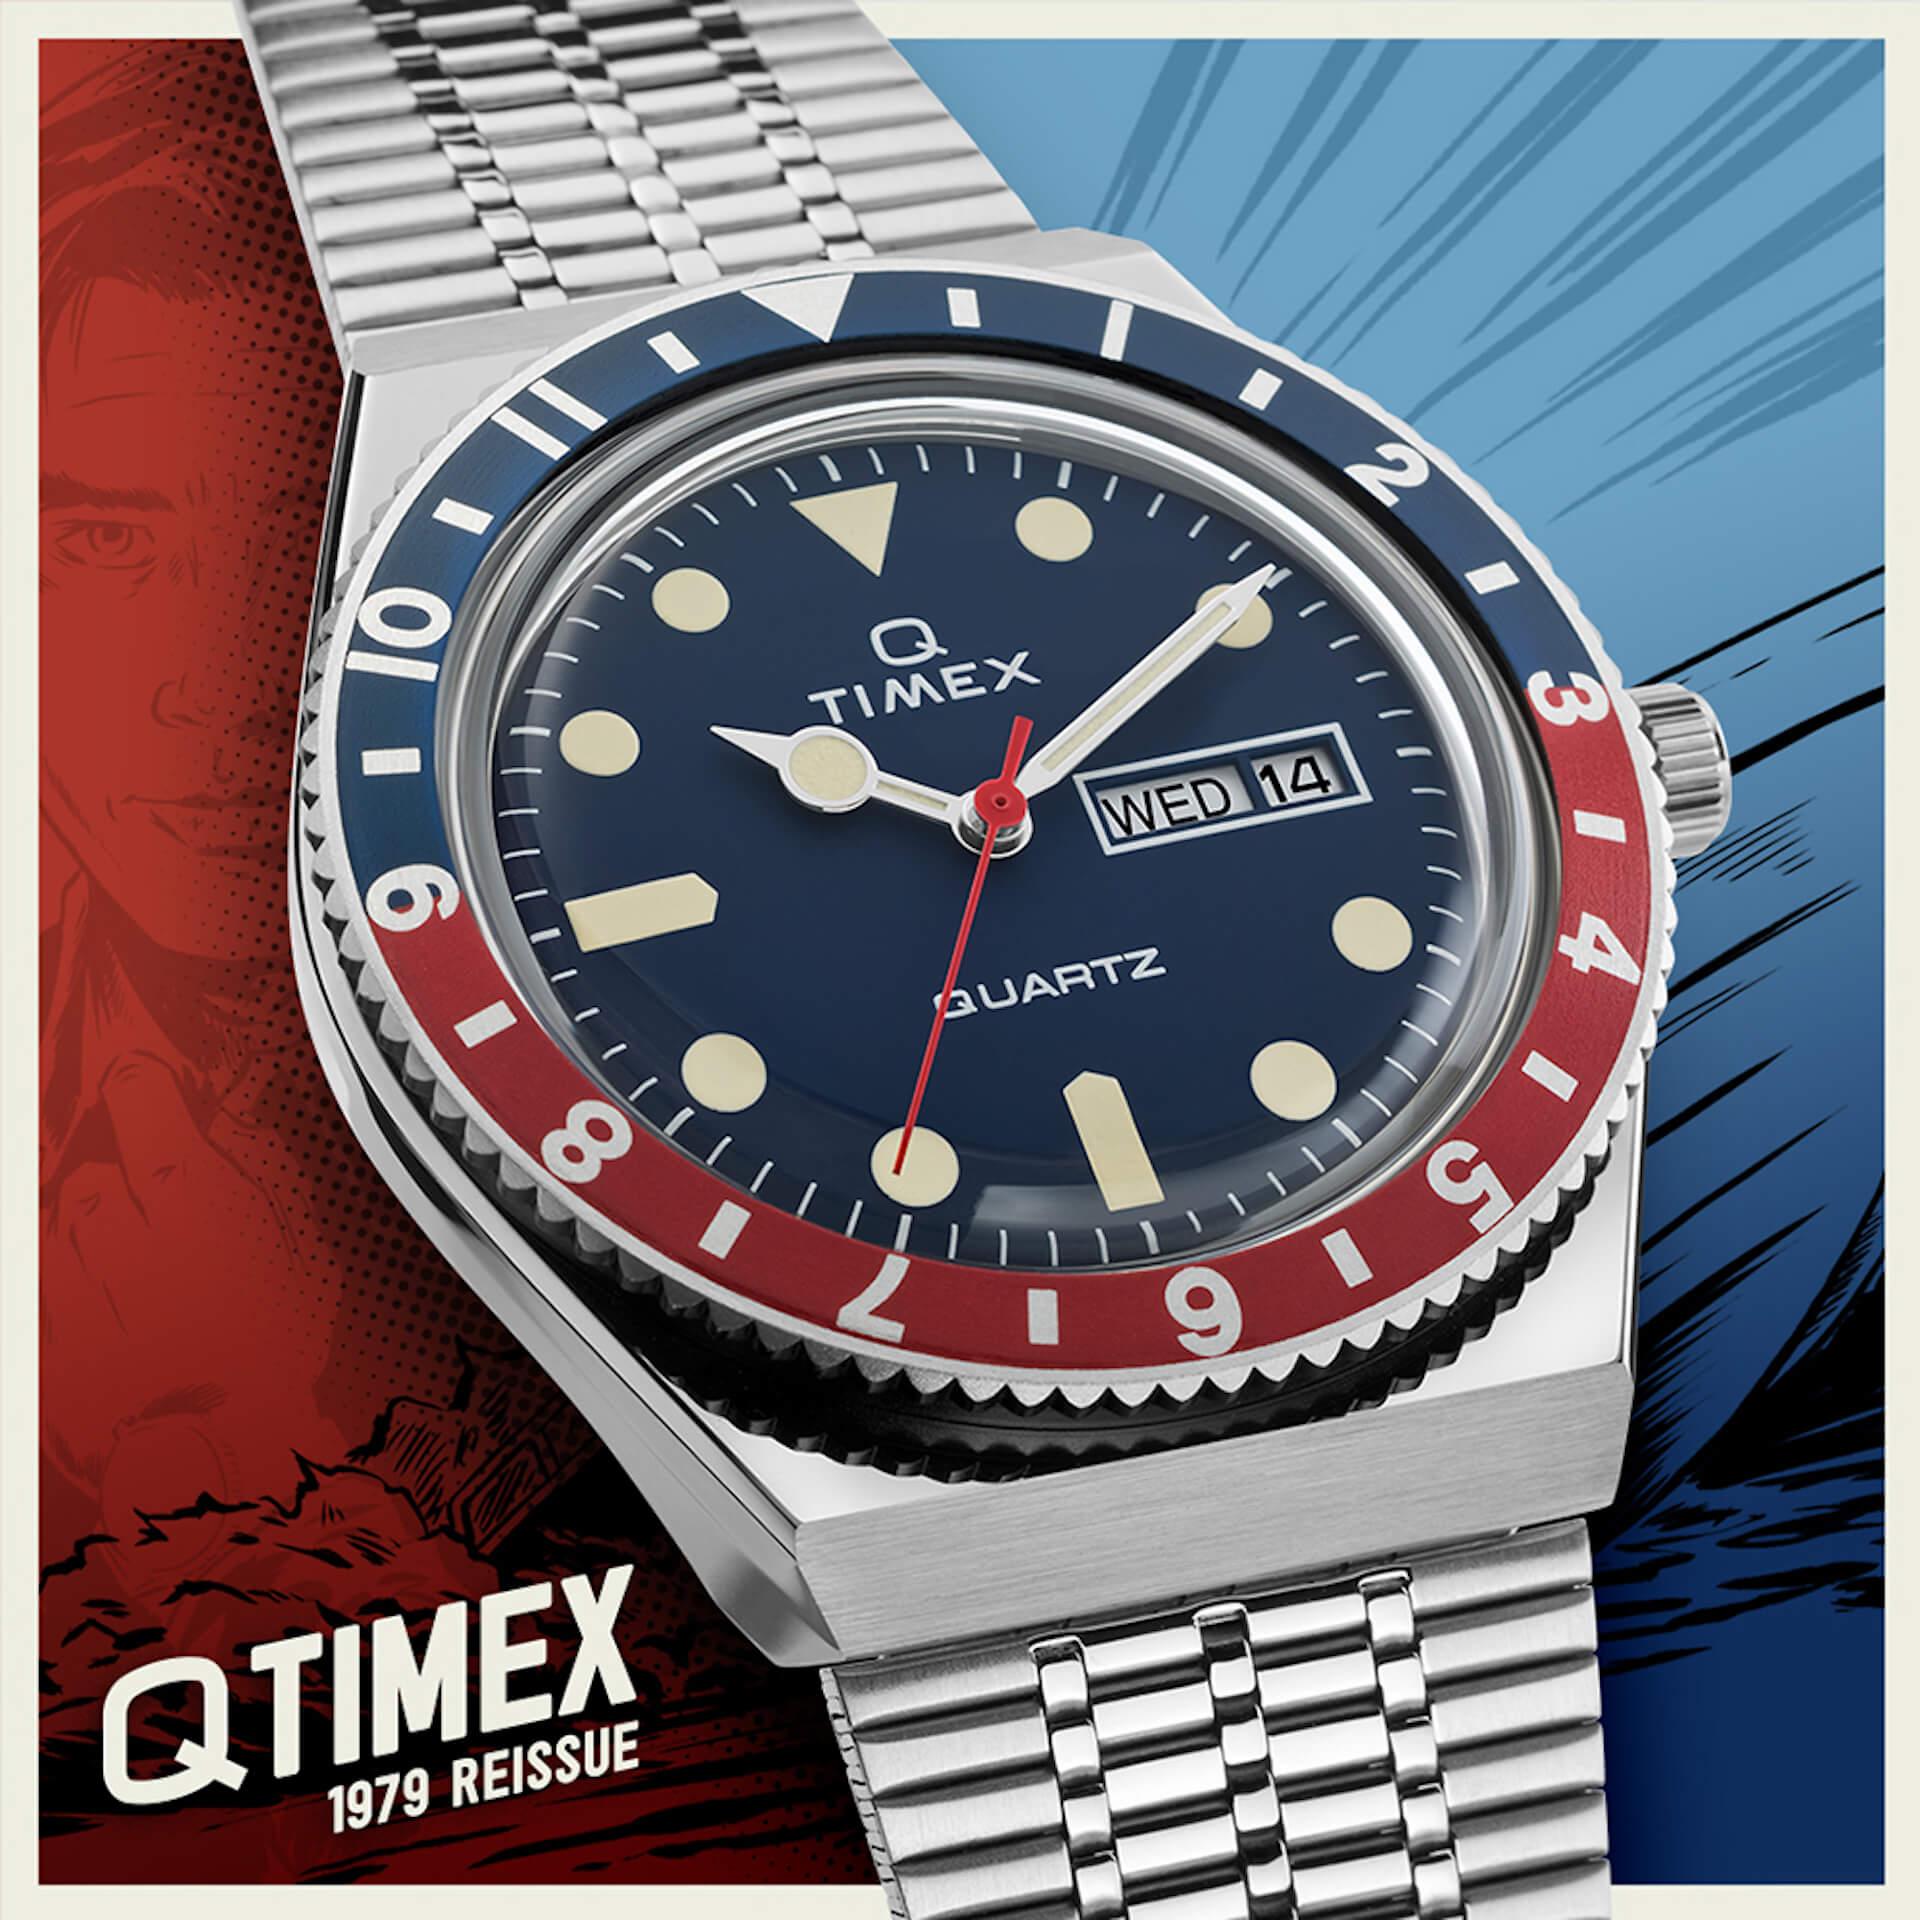 『Q TIMEX』を復刻したゴージャスなモデル『Marmont』が発売決定!本日予約受付開始 life210525_qtimex_5